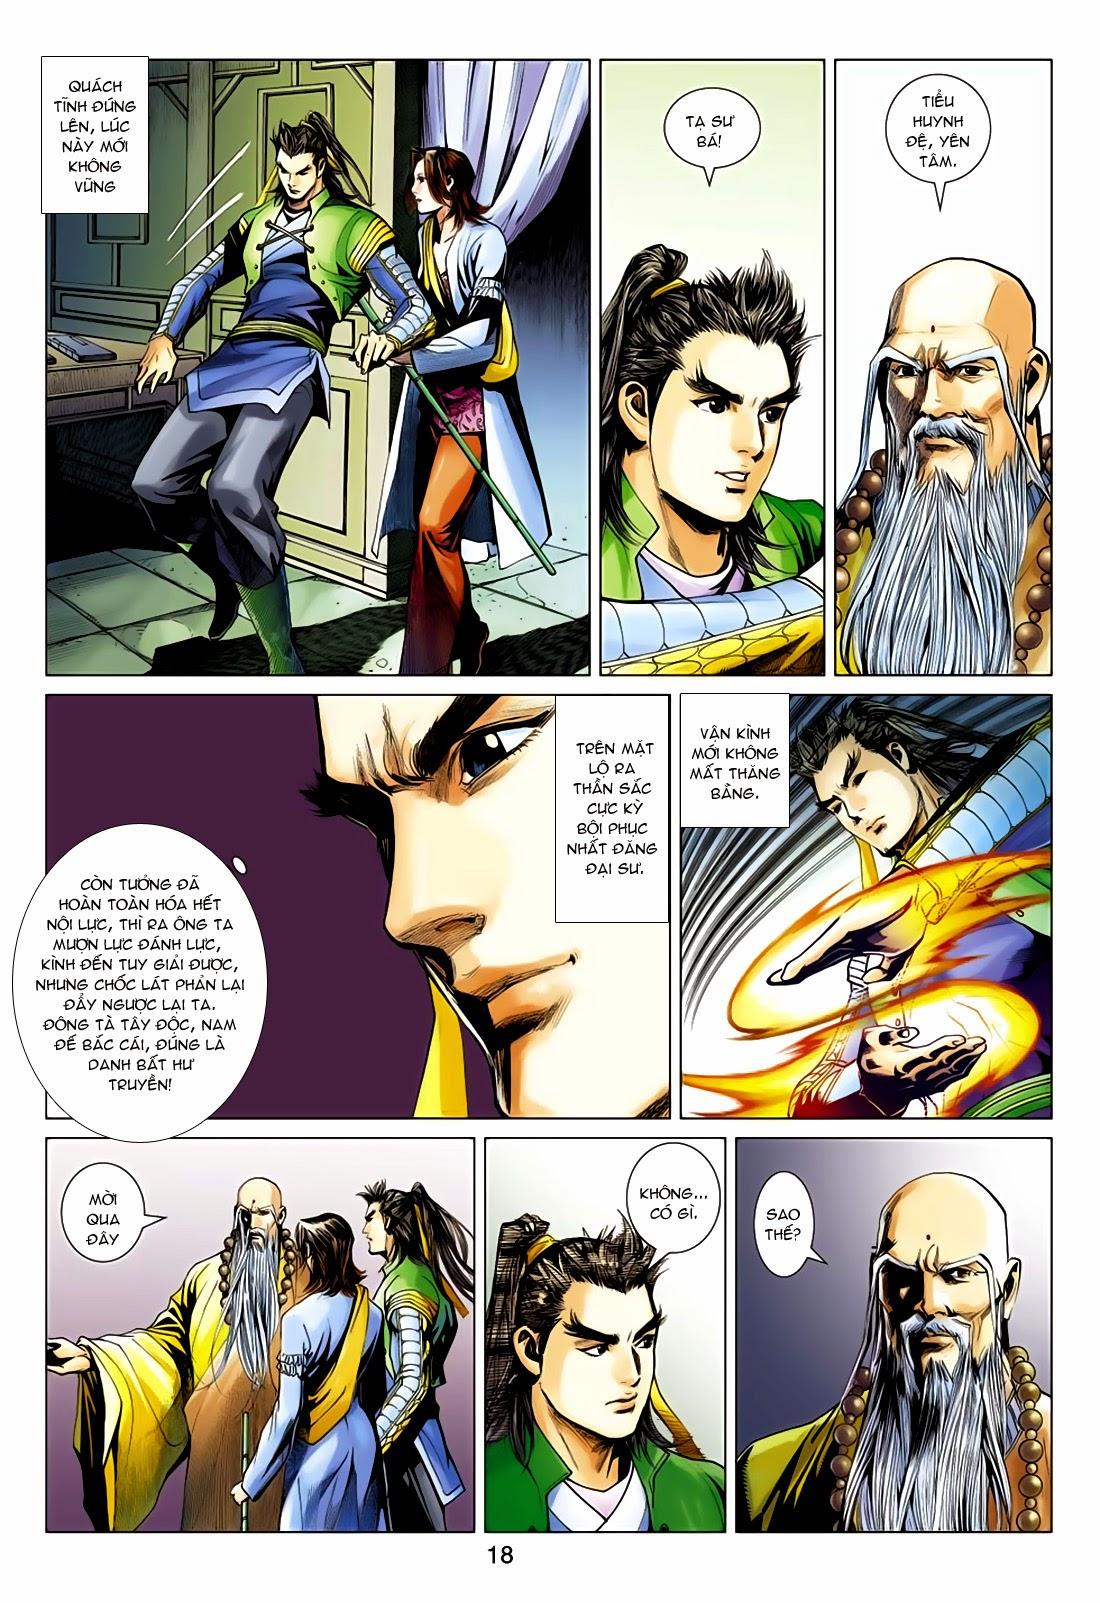 xem truyen moi - Anh Hùng Xạ Điêu - Chapter 73: Nam Đế Nhất Dương Chỉ